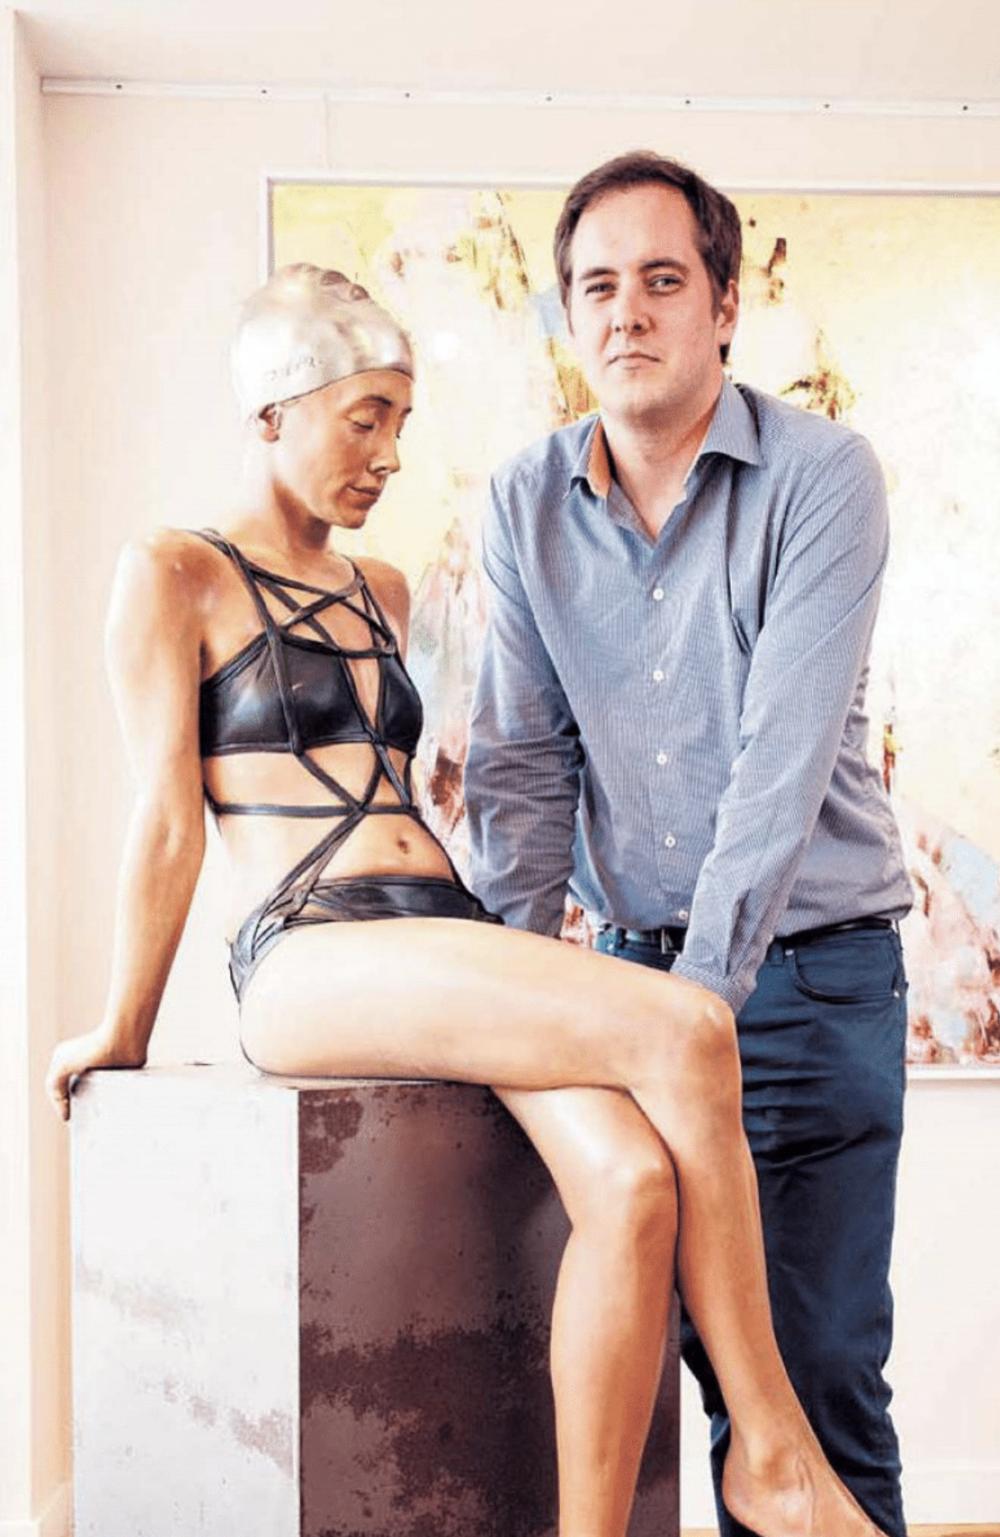 Niet Te Missen Alexander Tuteleers promotor van kunst en kunstevenementen